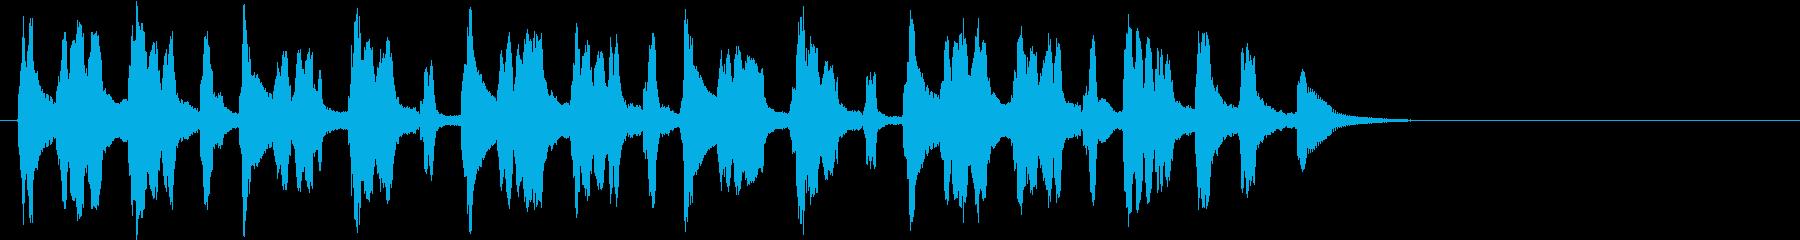 コミカルな電子音のBGM ジングルにもの再生済みの波形